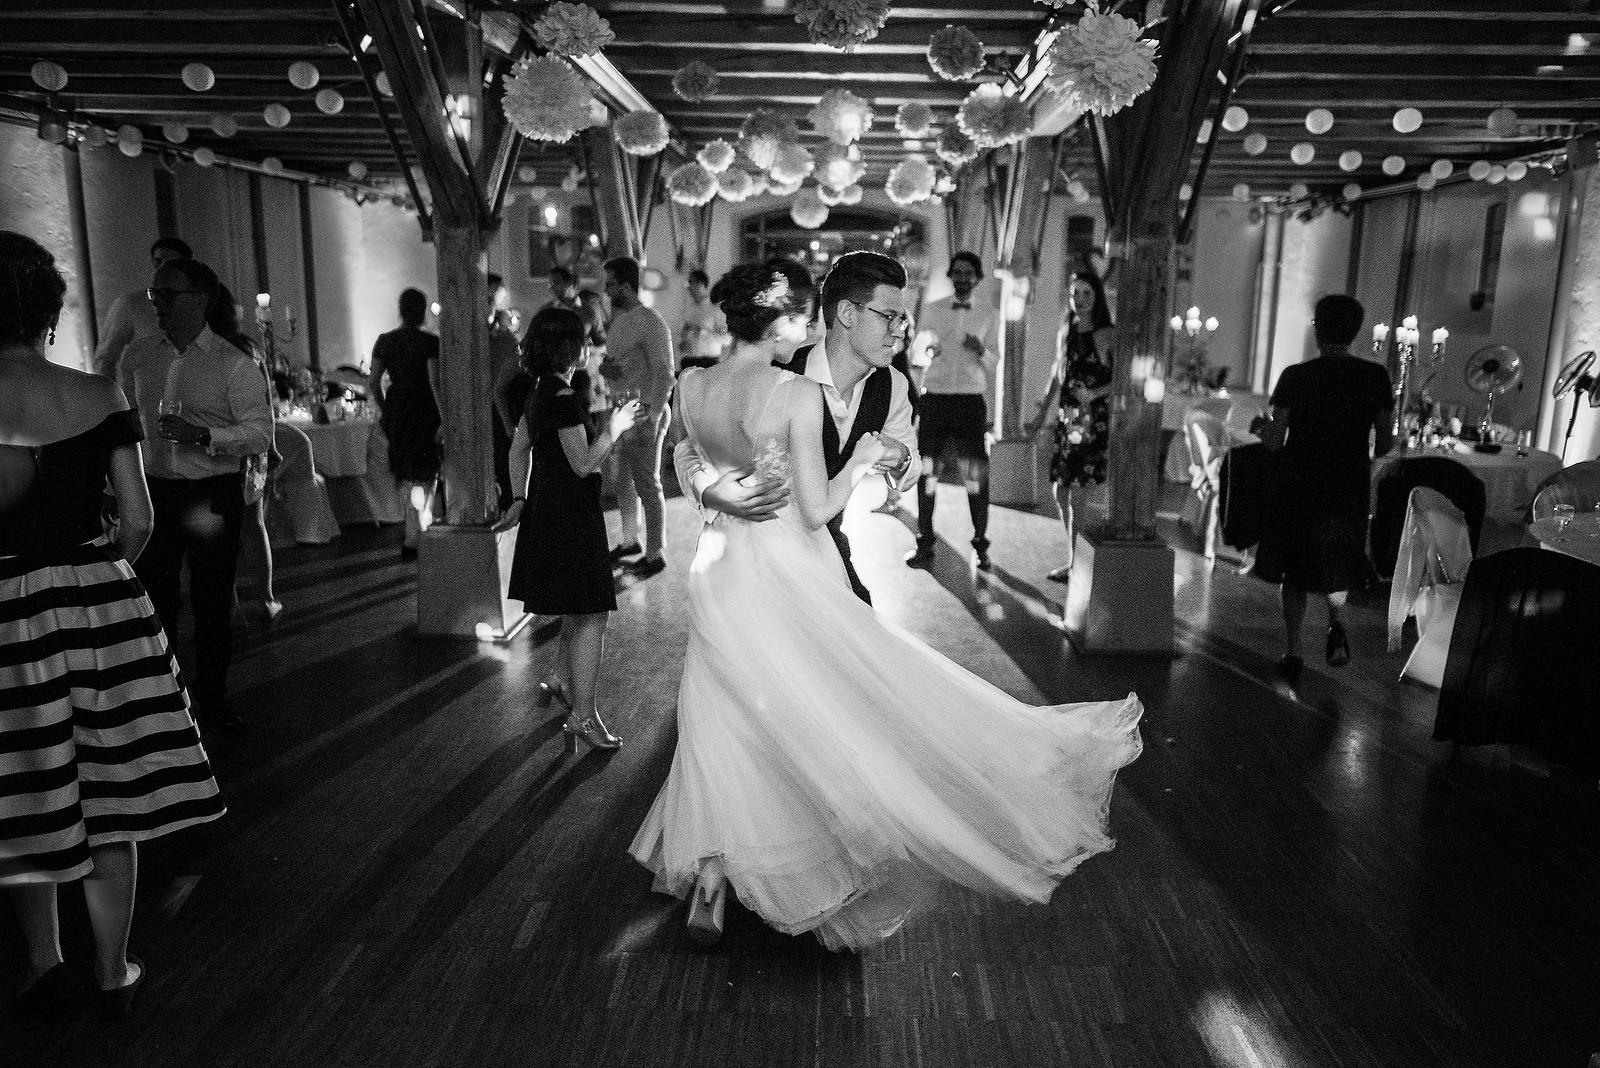 Fotograf Konstanz - Hochzeitsfotograf Bodensee Zollhaus Ludwigshafen Hochzeit Konstanz EFP 166 - Hochzeitsreportage im Zollhaus in Bodman-Ludwigshafen, Bodensee  - 265 -